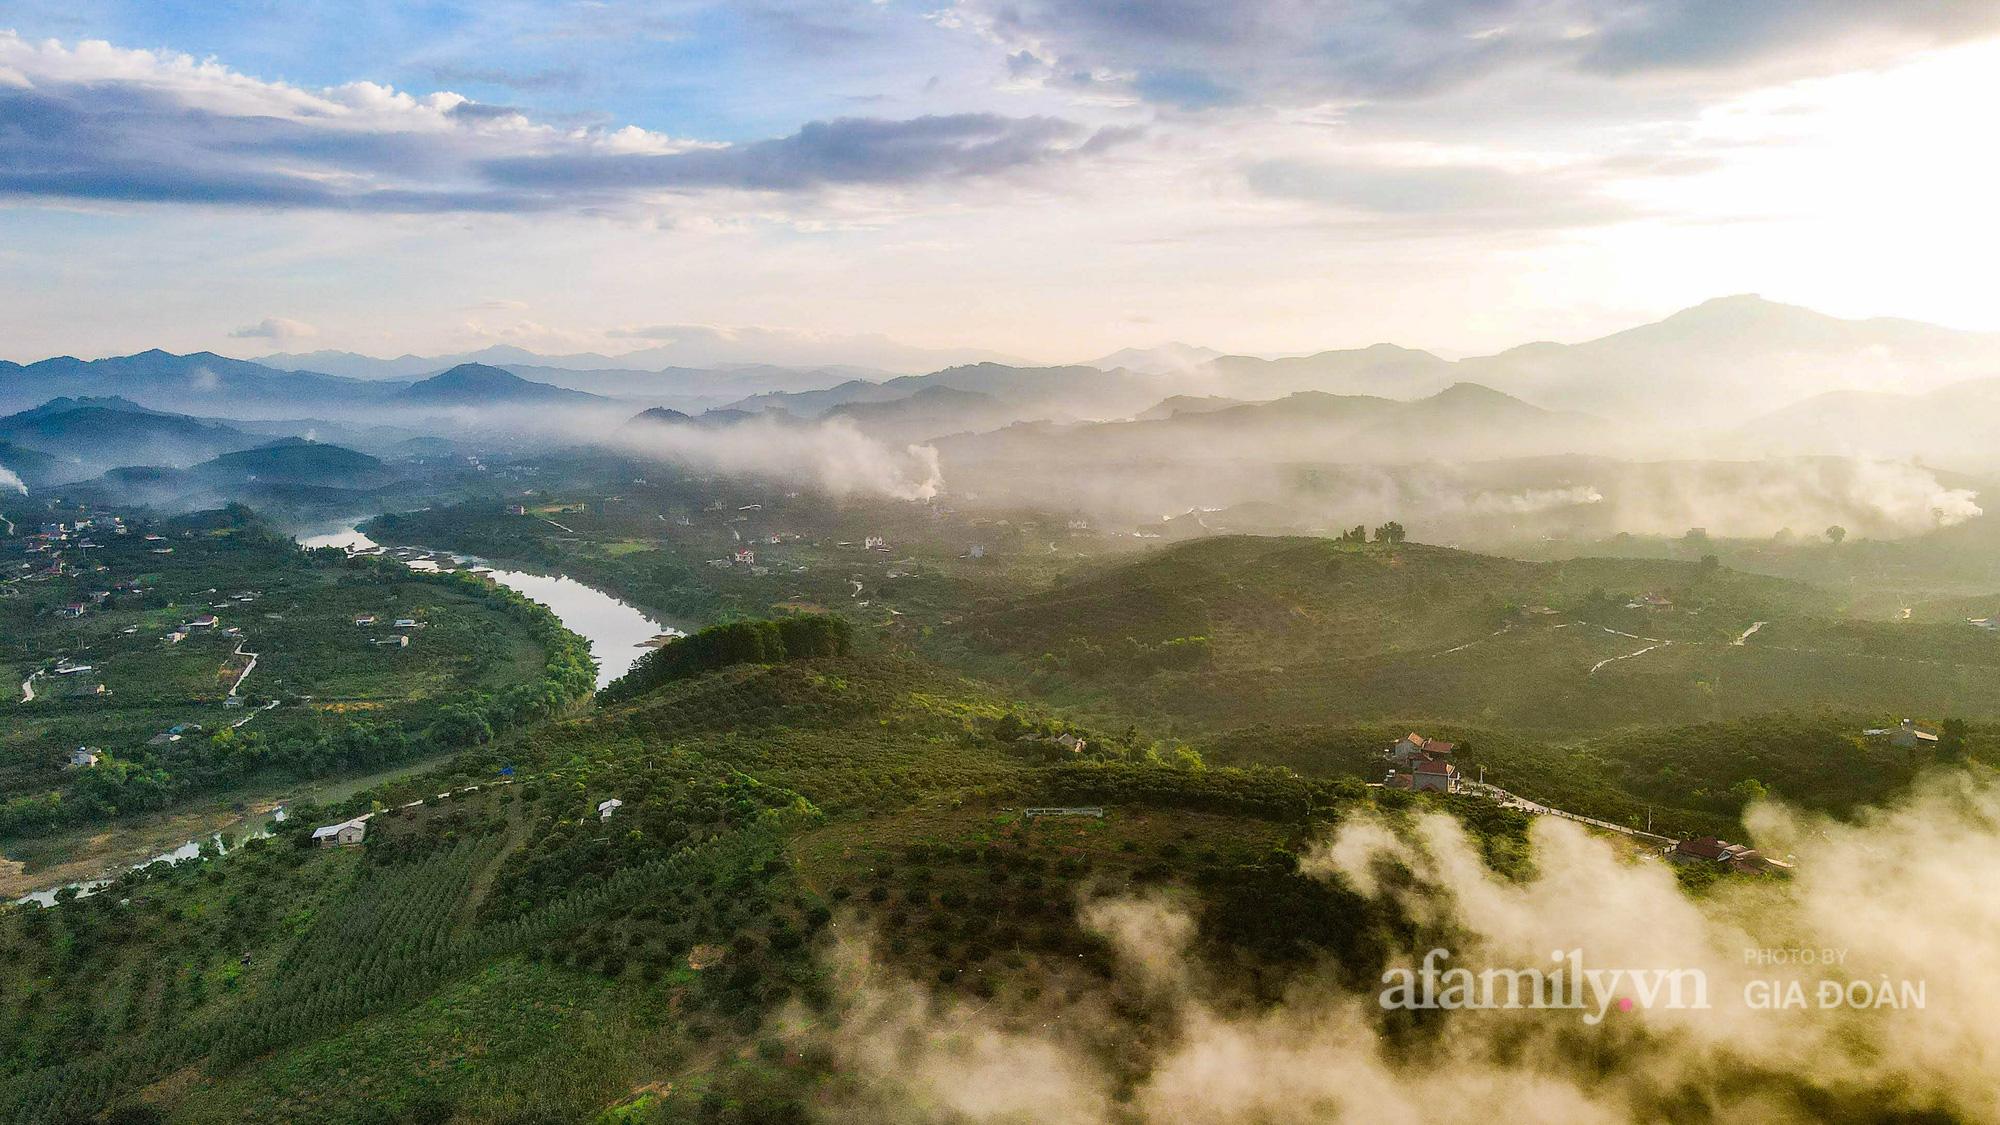 Chợ vải Bắc Giang nhộn nhịp vào mùa - Ảnh 1.